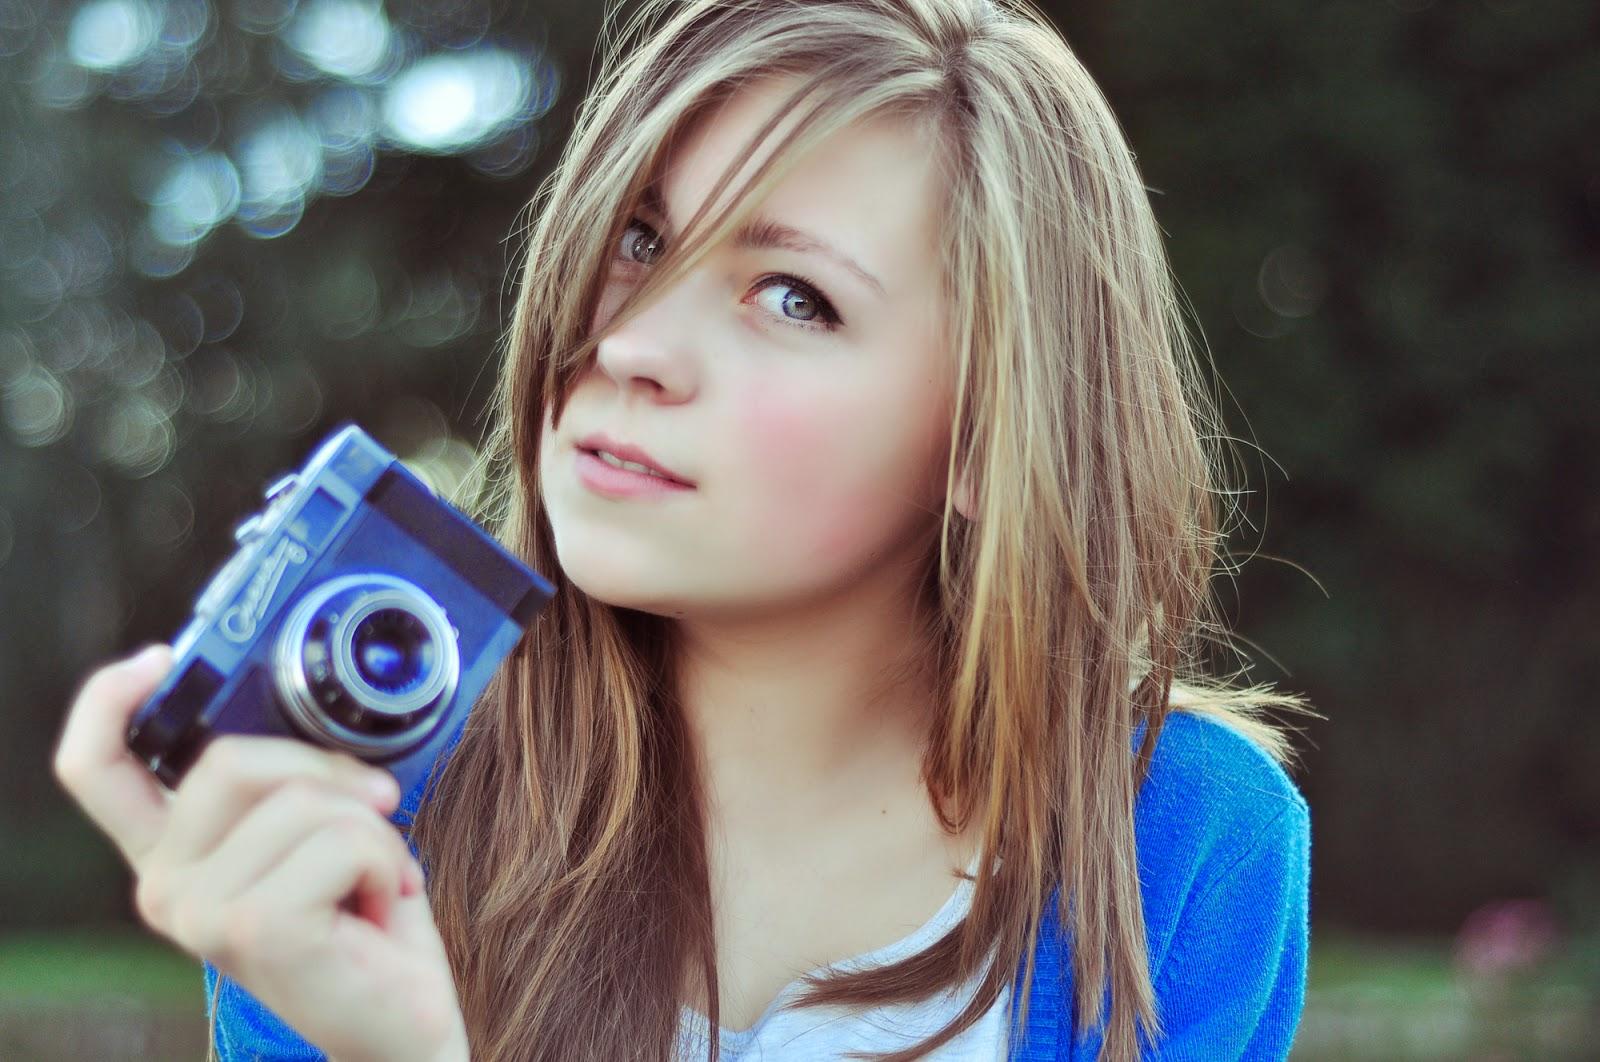 صوره صور اجمل بنات العالم , تامل وشوف الجمال الطبيعي للبنات يهوس